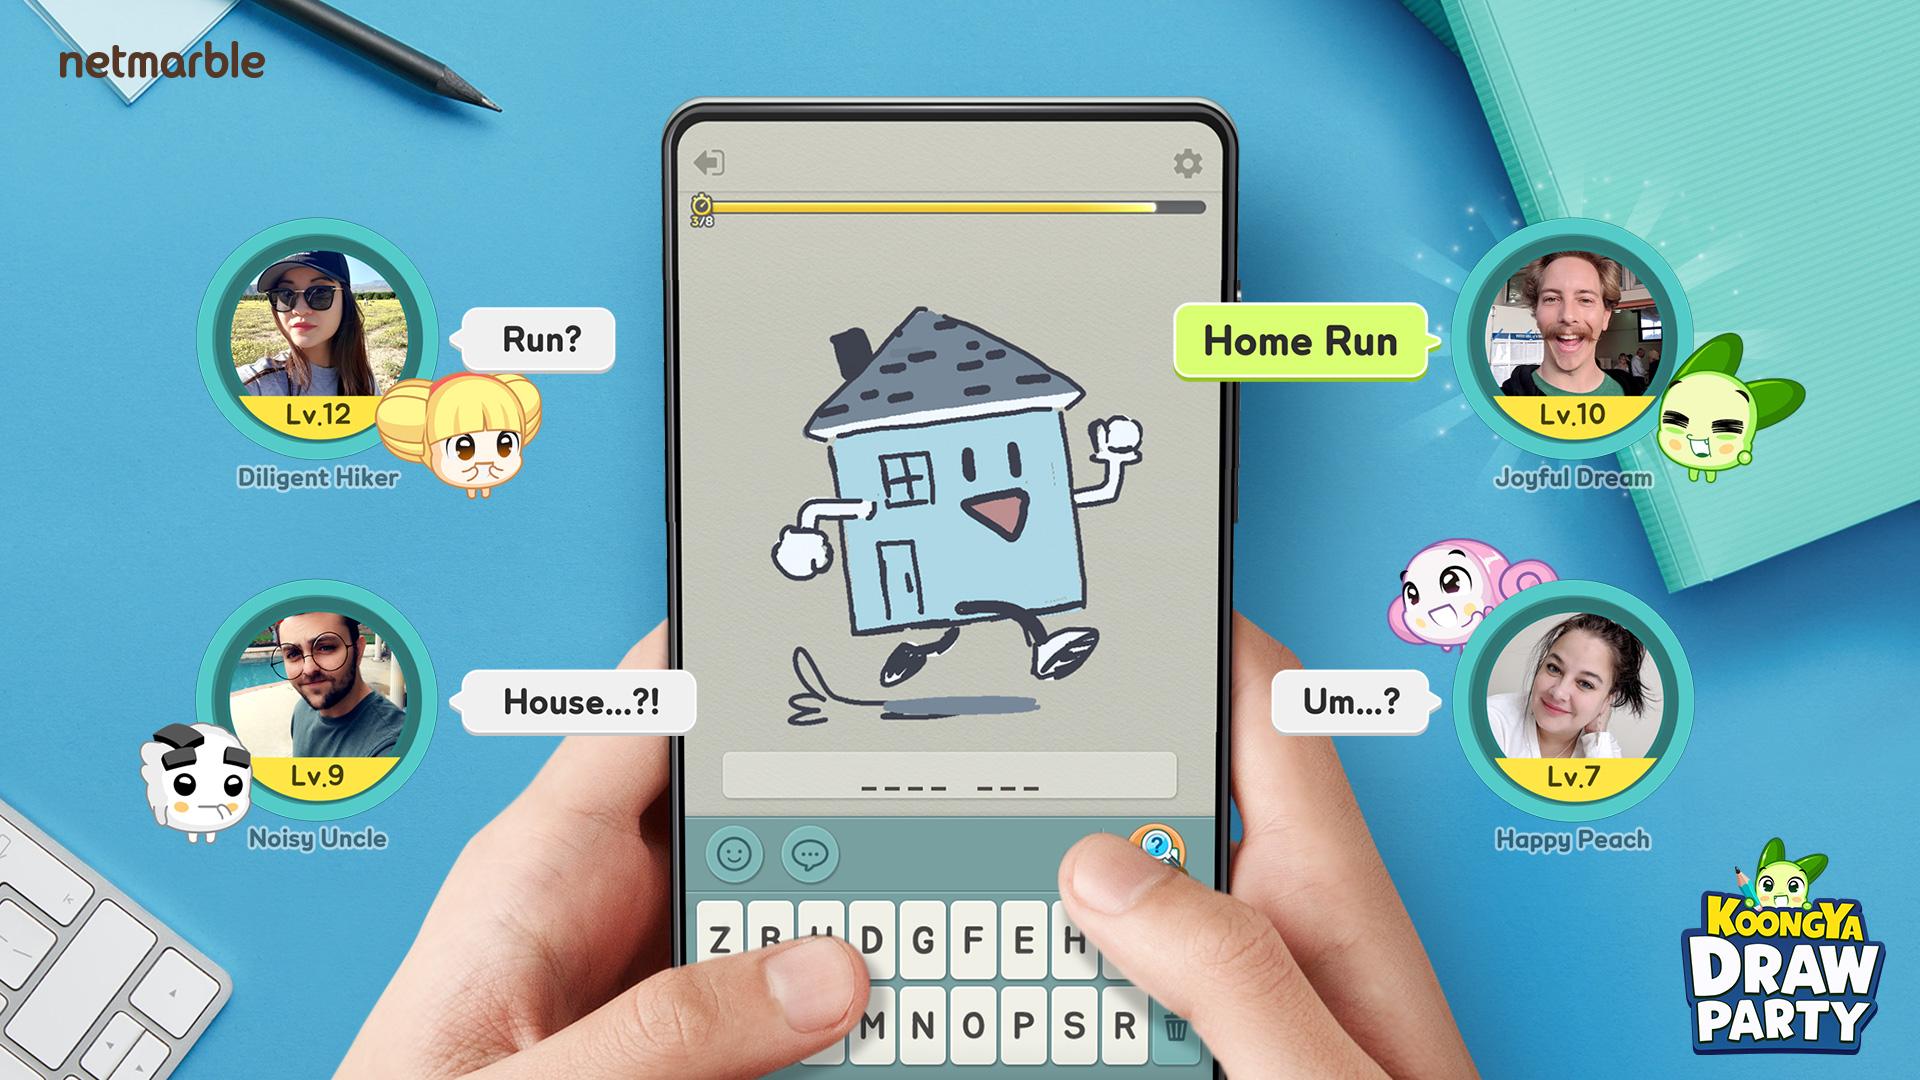 網石猜謎遊戲《KOONGYA Draw Party》 即將在3月26日推出